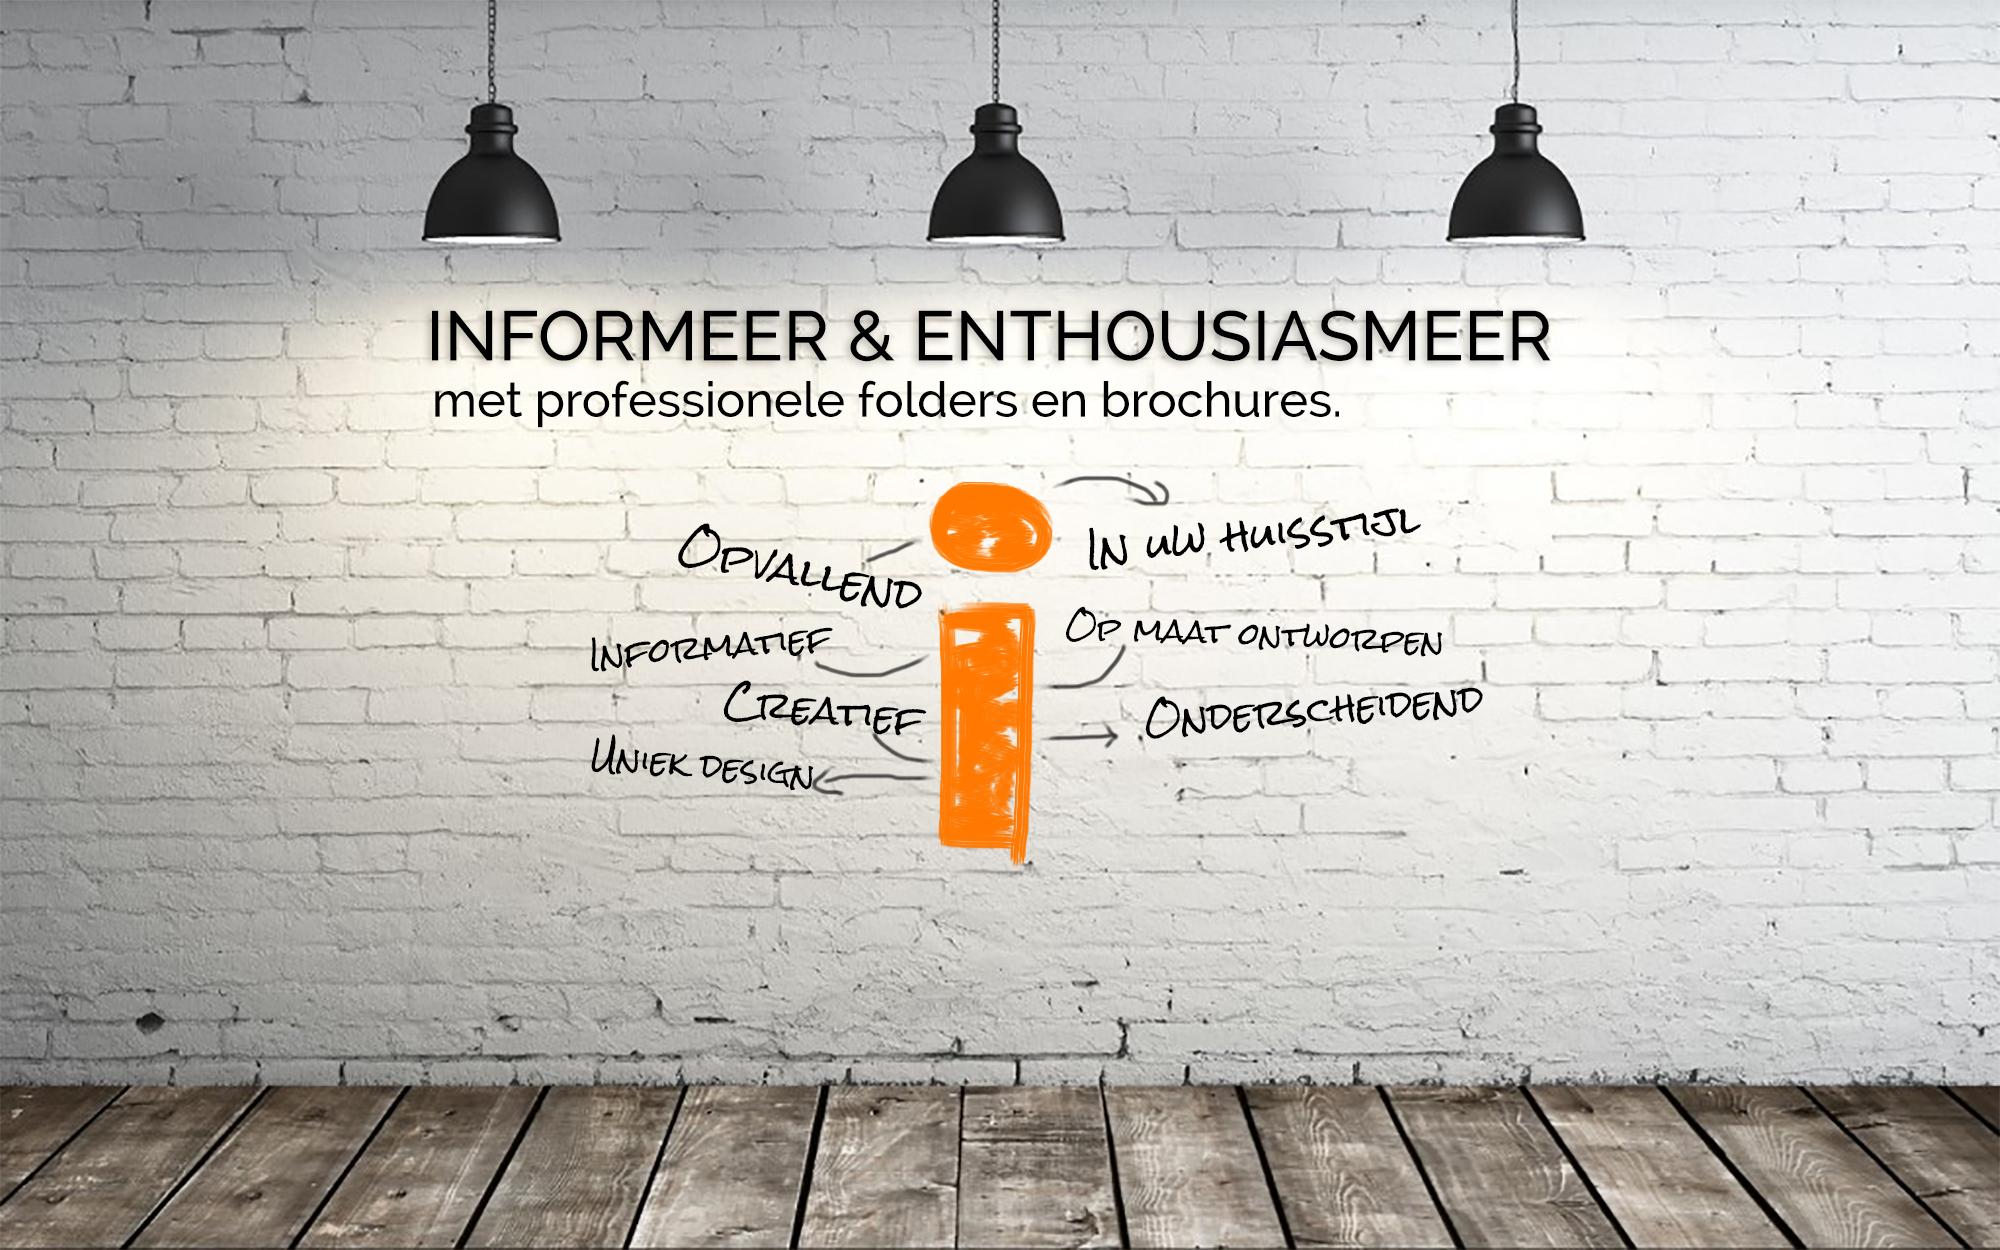 INFORMEER UW DOELGROEP MET EEN BROCHURE OF FOLDER!